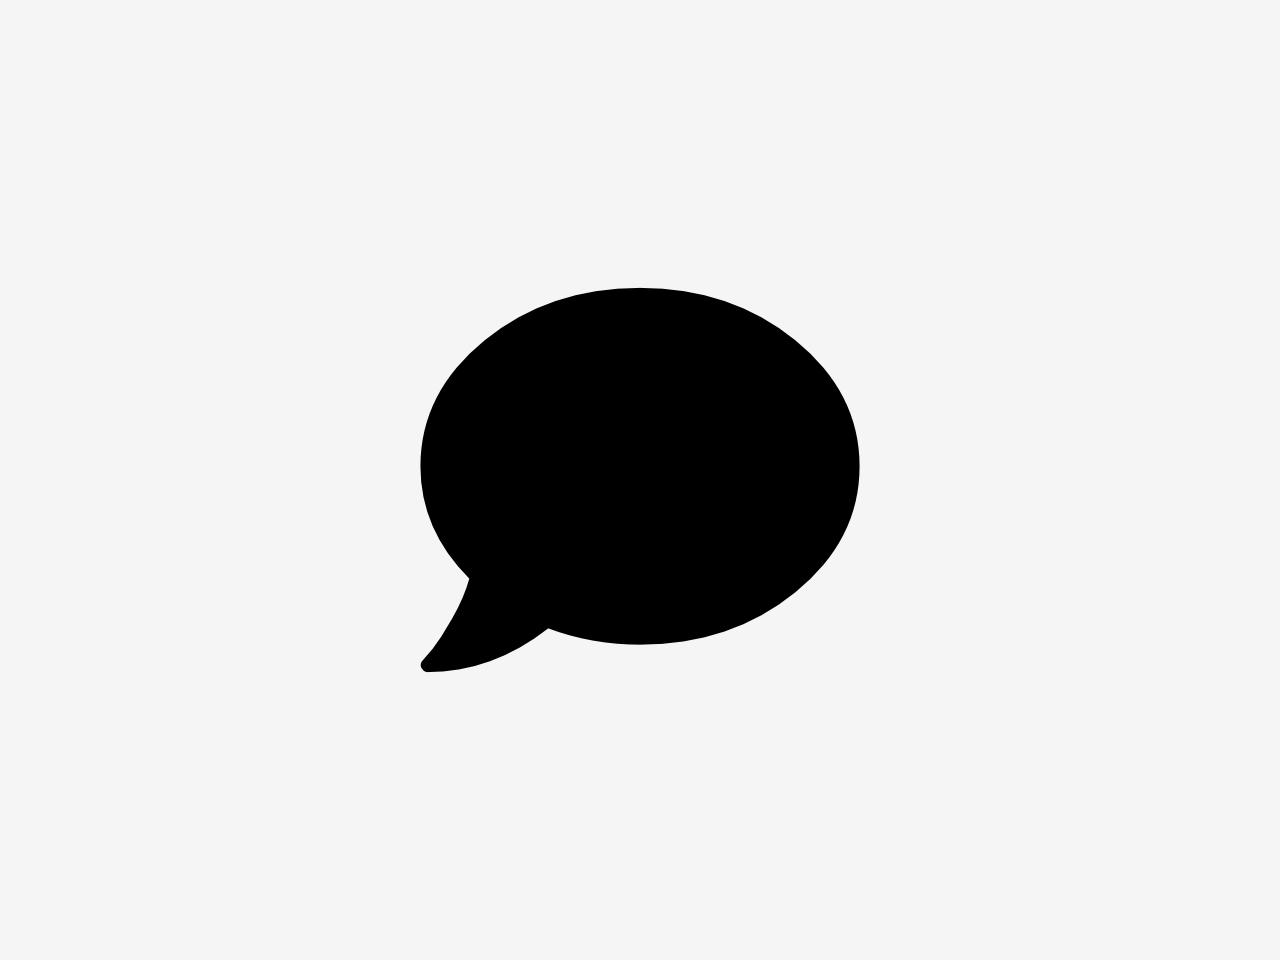 Bild zeigt ein Symbol für Kontakt. Das Symbol zeigt eine Sprechblase.